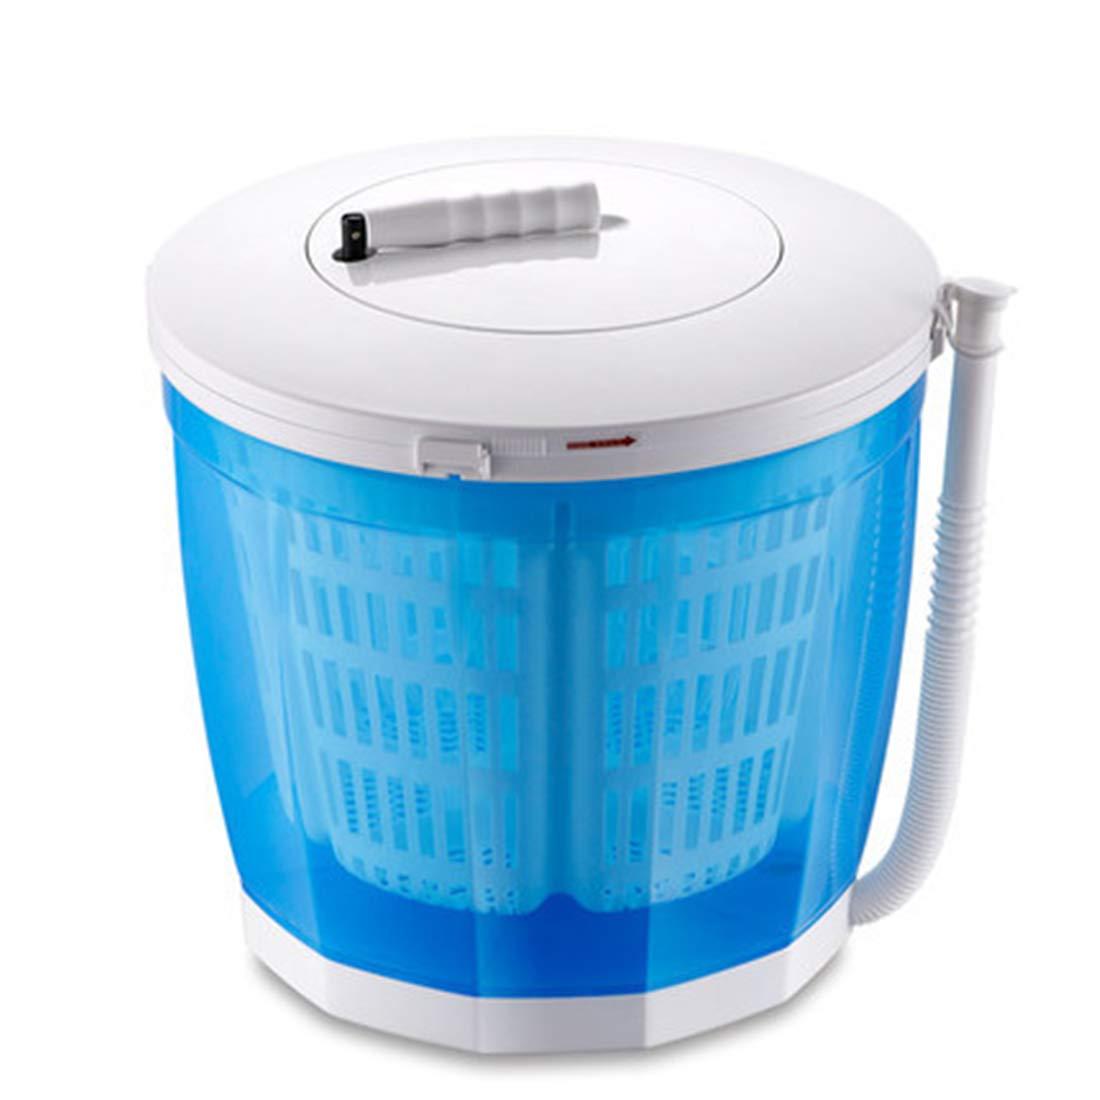 Yeying123 Tragbare Waschmaschine im Freien Camping, manuelle Mini-Waschmaschine mit automatischen Ablenkung Waschmaschinen 2.5Kg,No Power erforderlich,Blue,Ordinary 12369